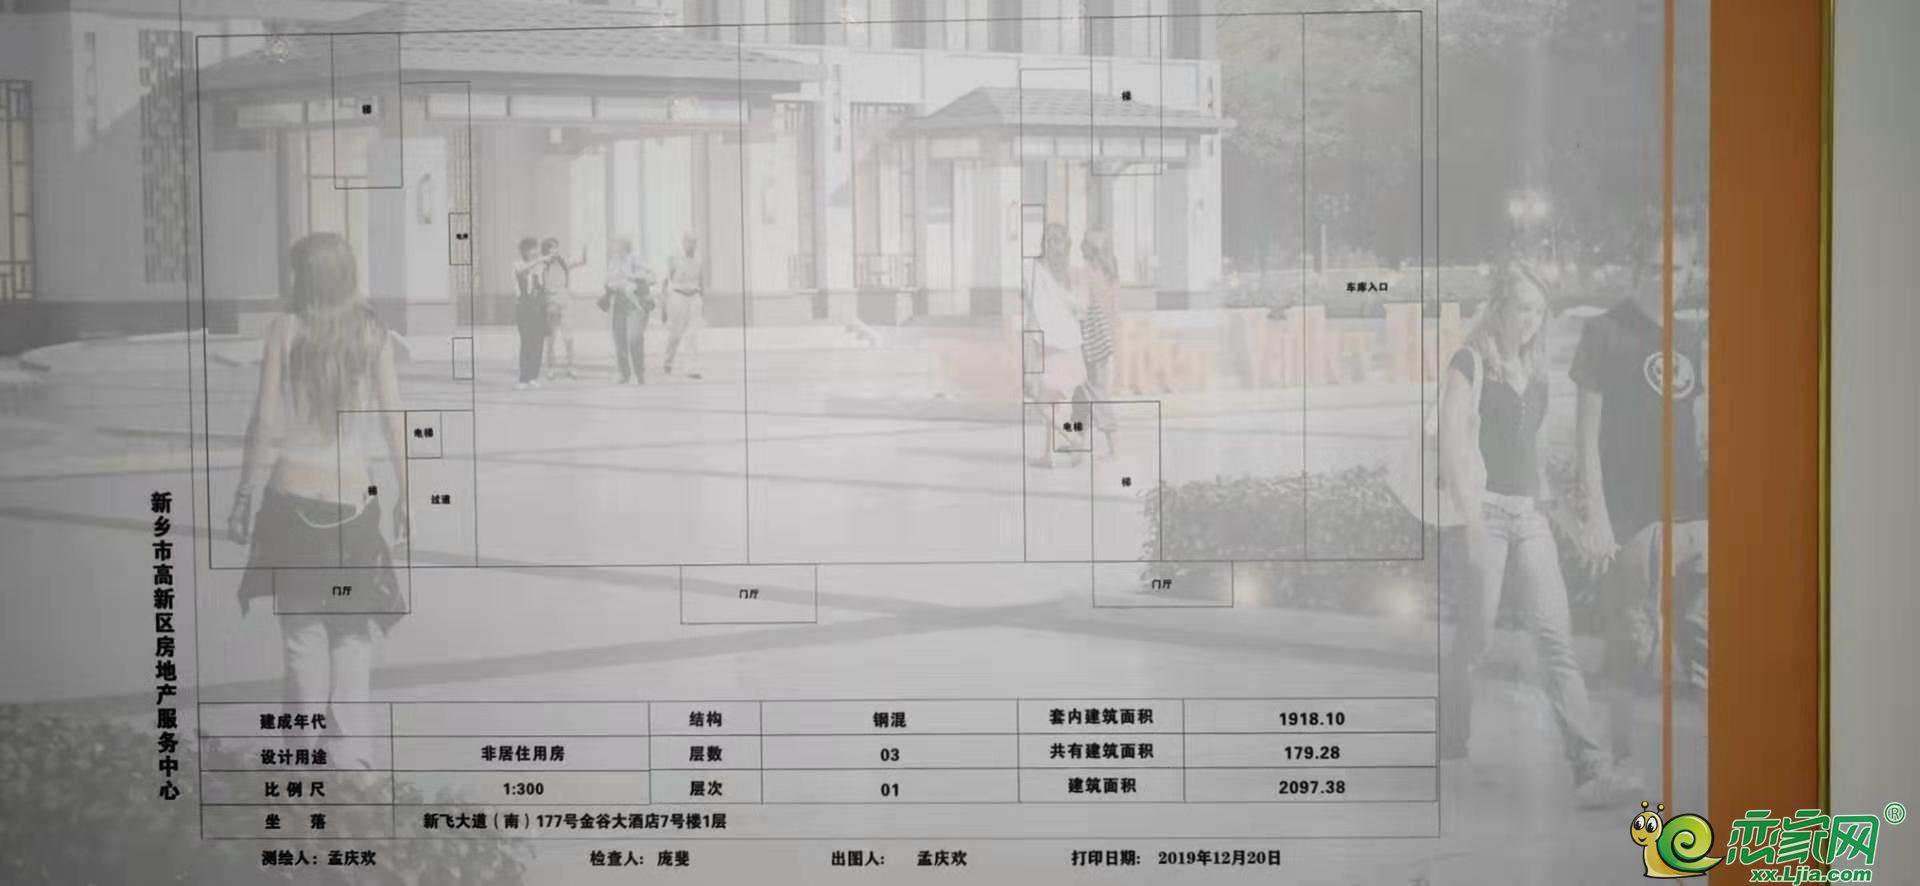 金谷酒店公寓底商户型图